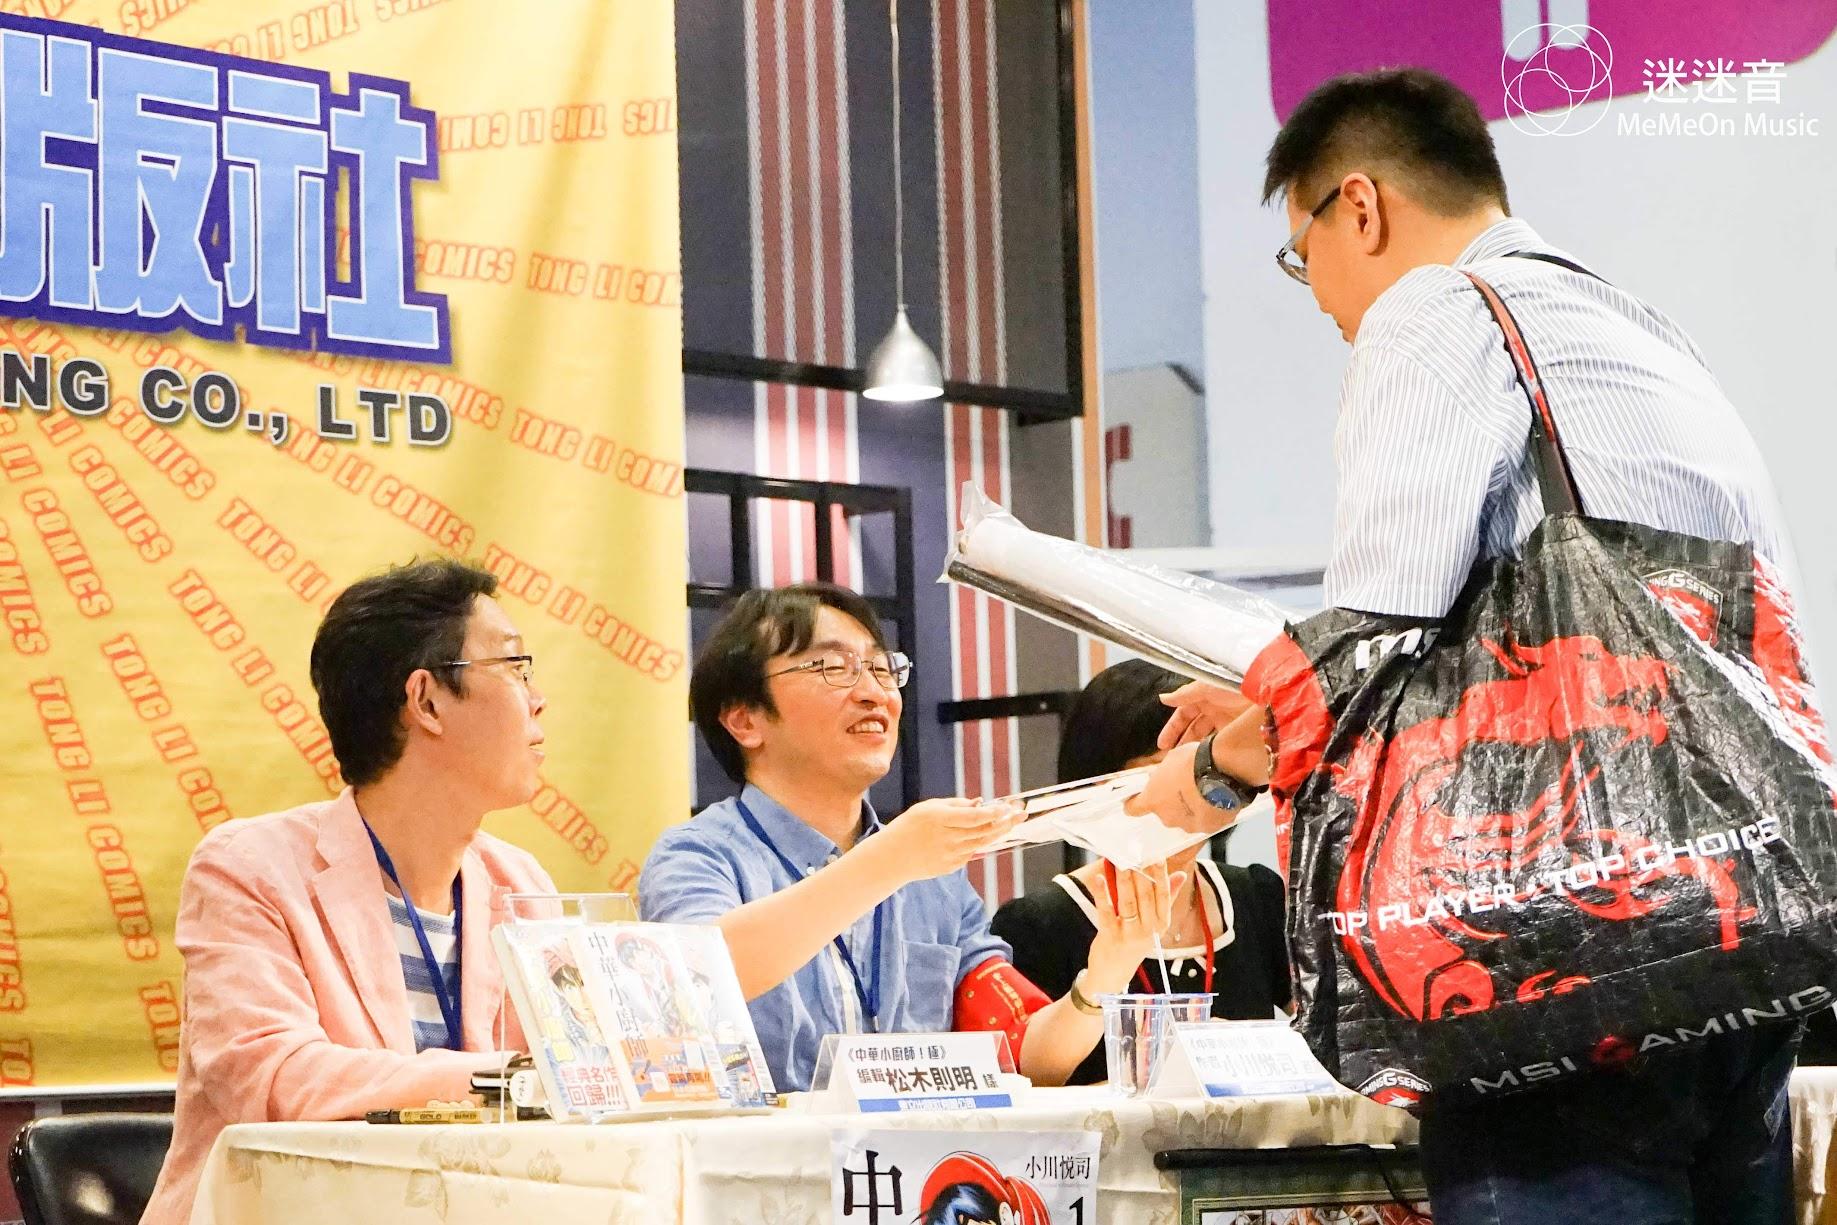 【迷迷現場】「中華小廚師」作者 小川悅司 簽名會「如果我只是畫一些一般的料理,那大家就看食譜就好啦。」